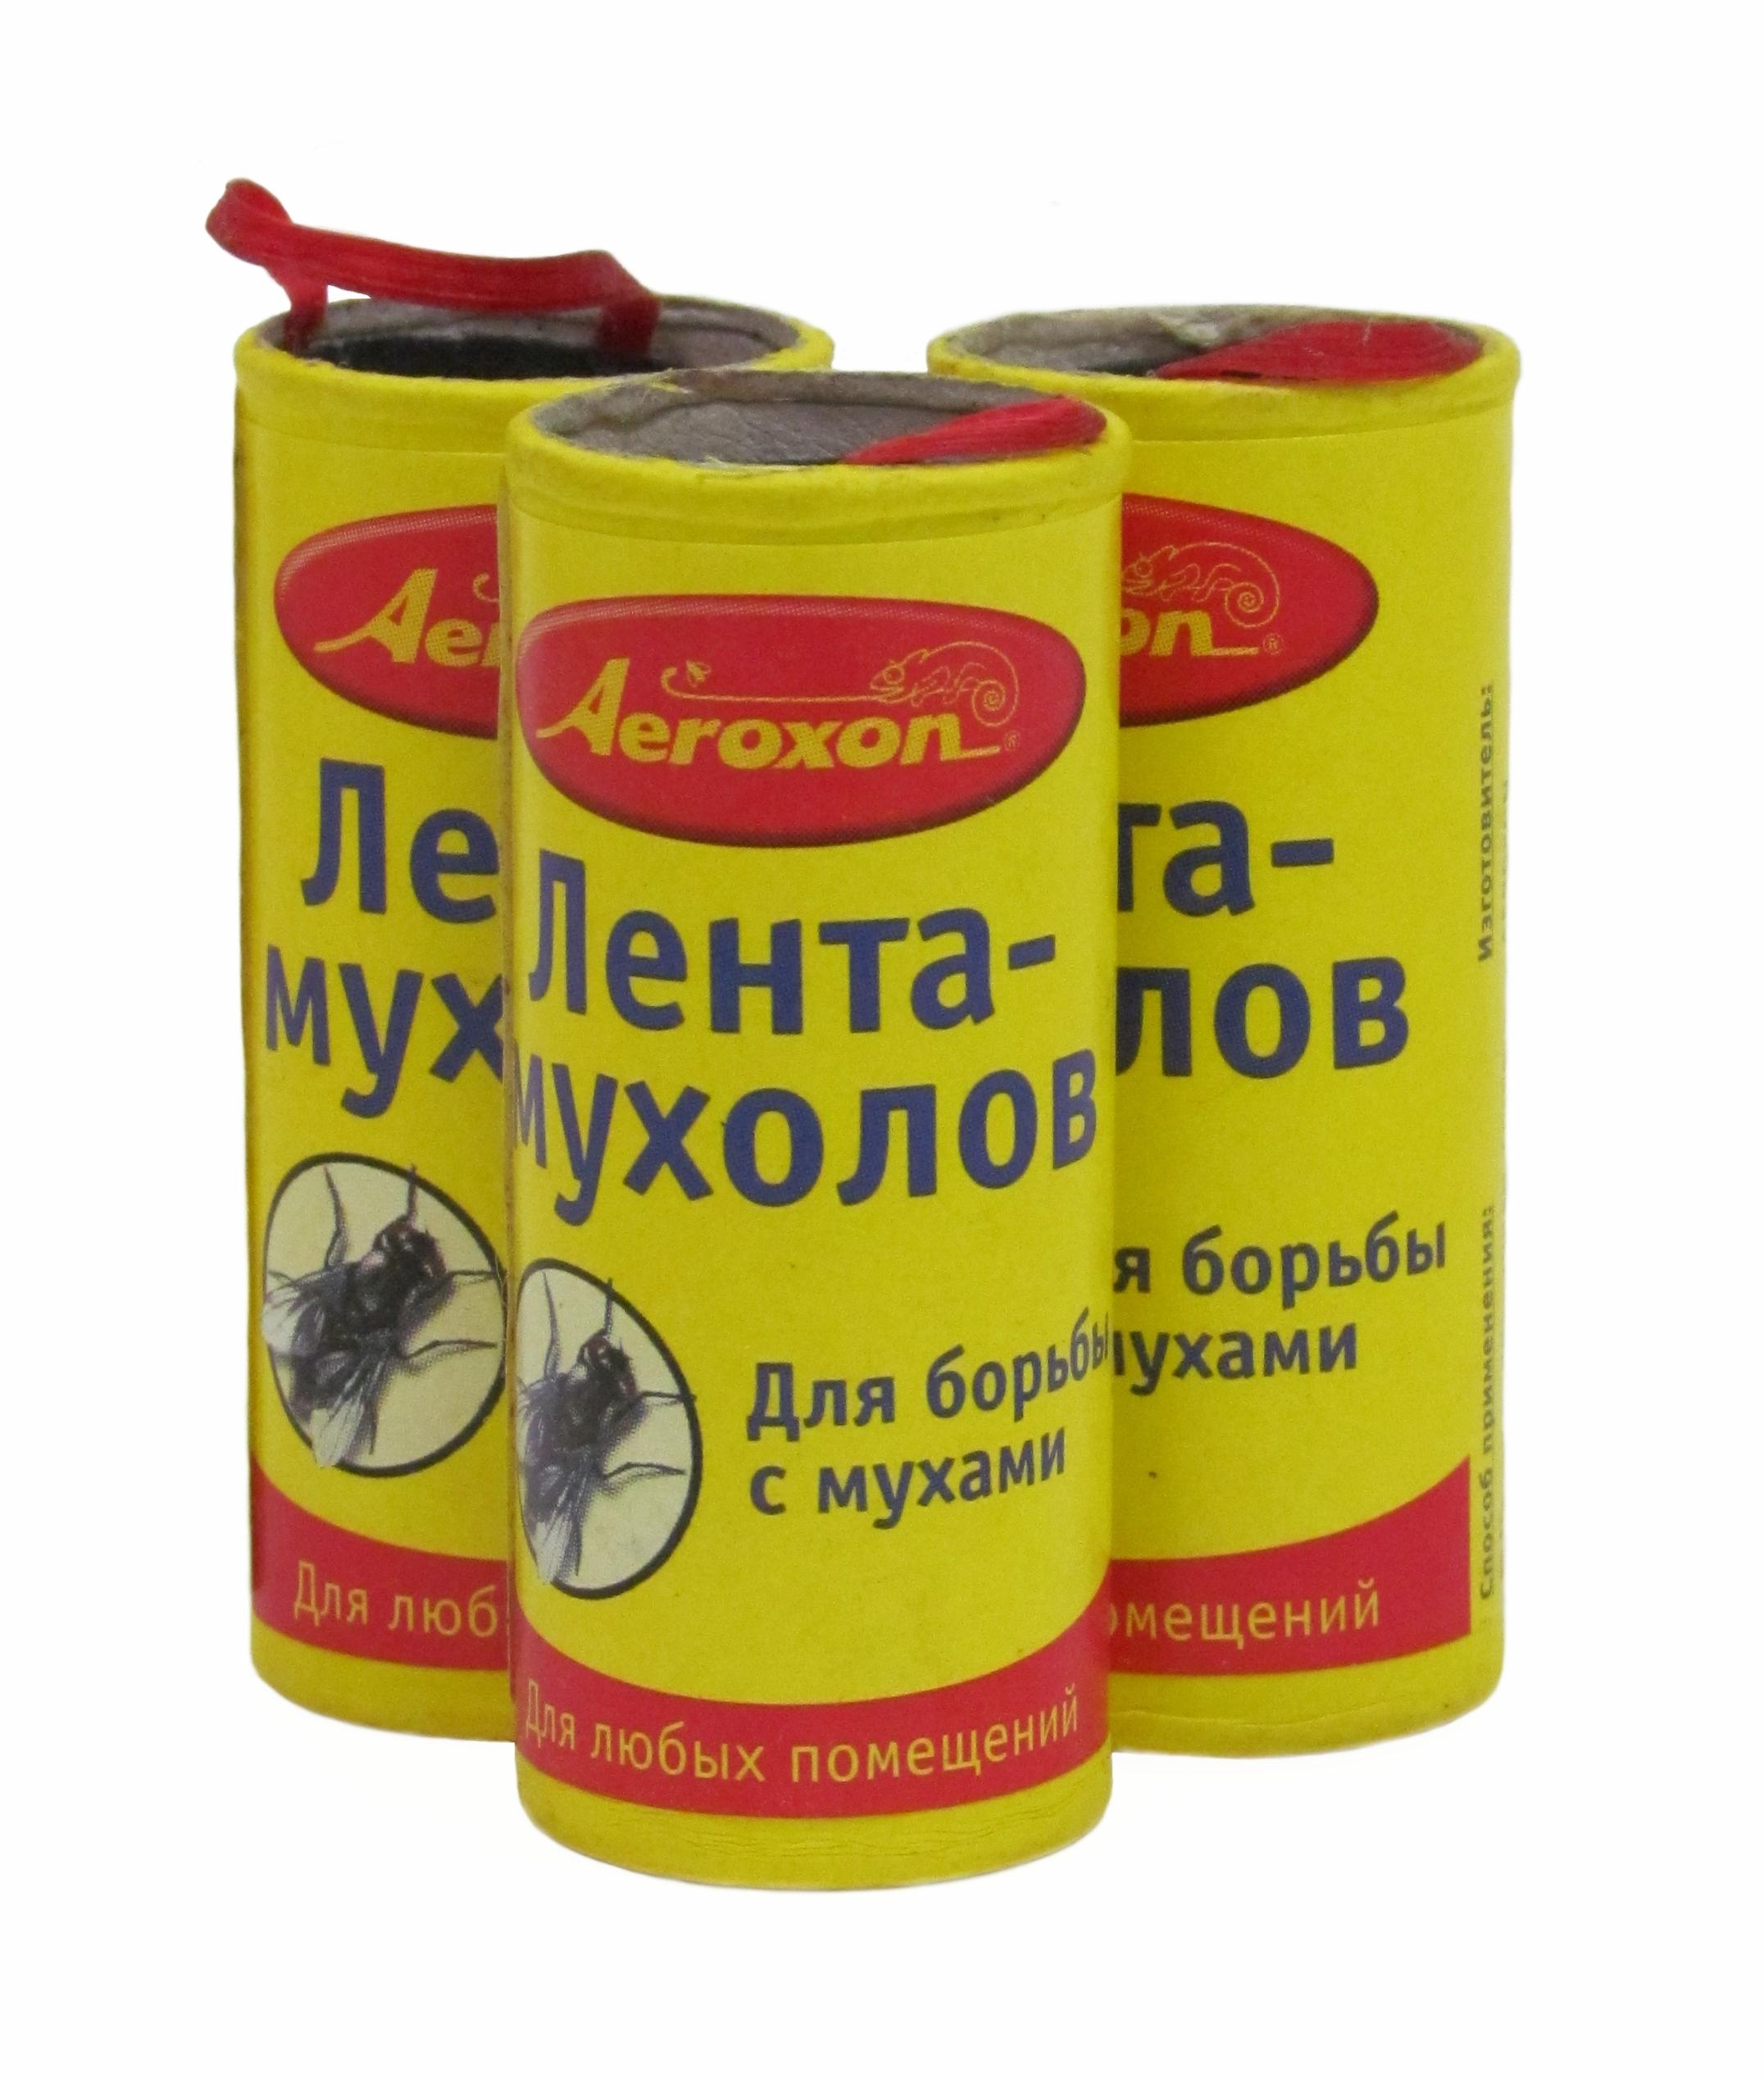 Липучка от мух в домашних условиях